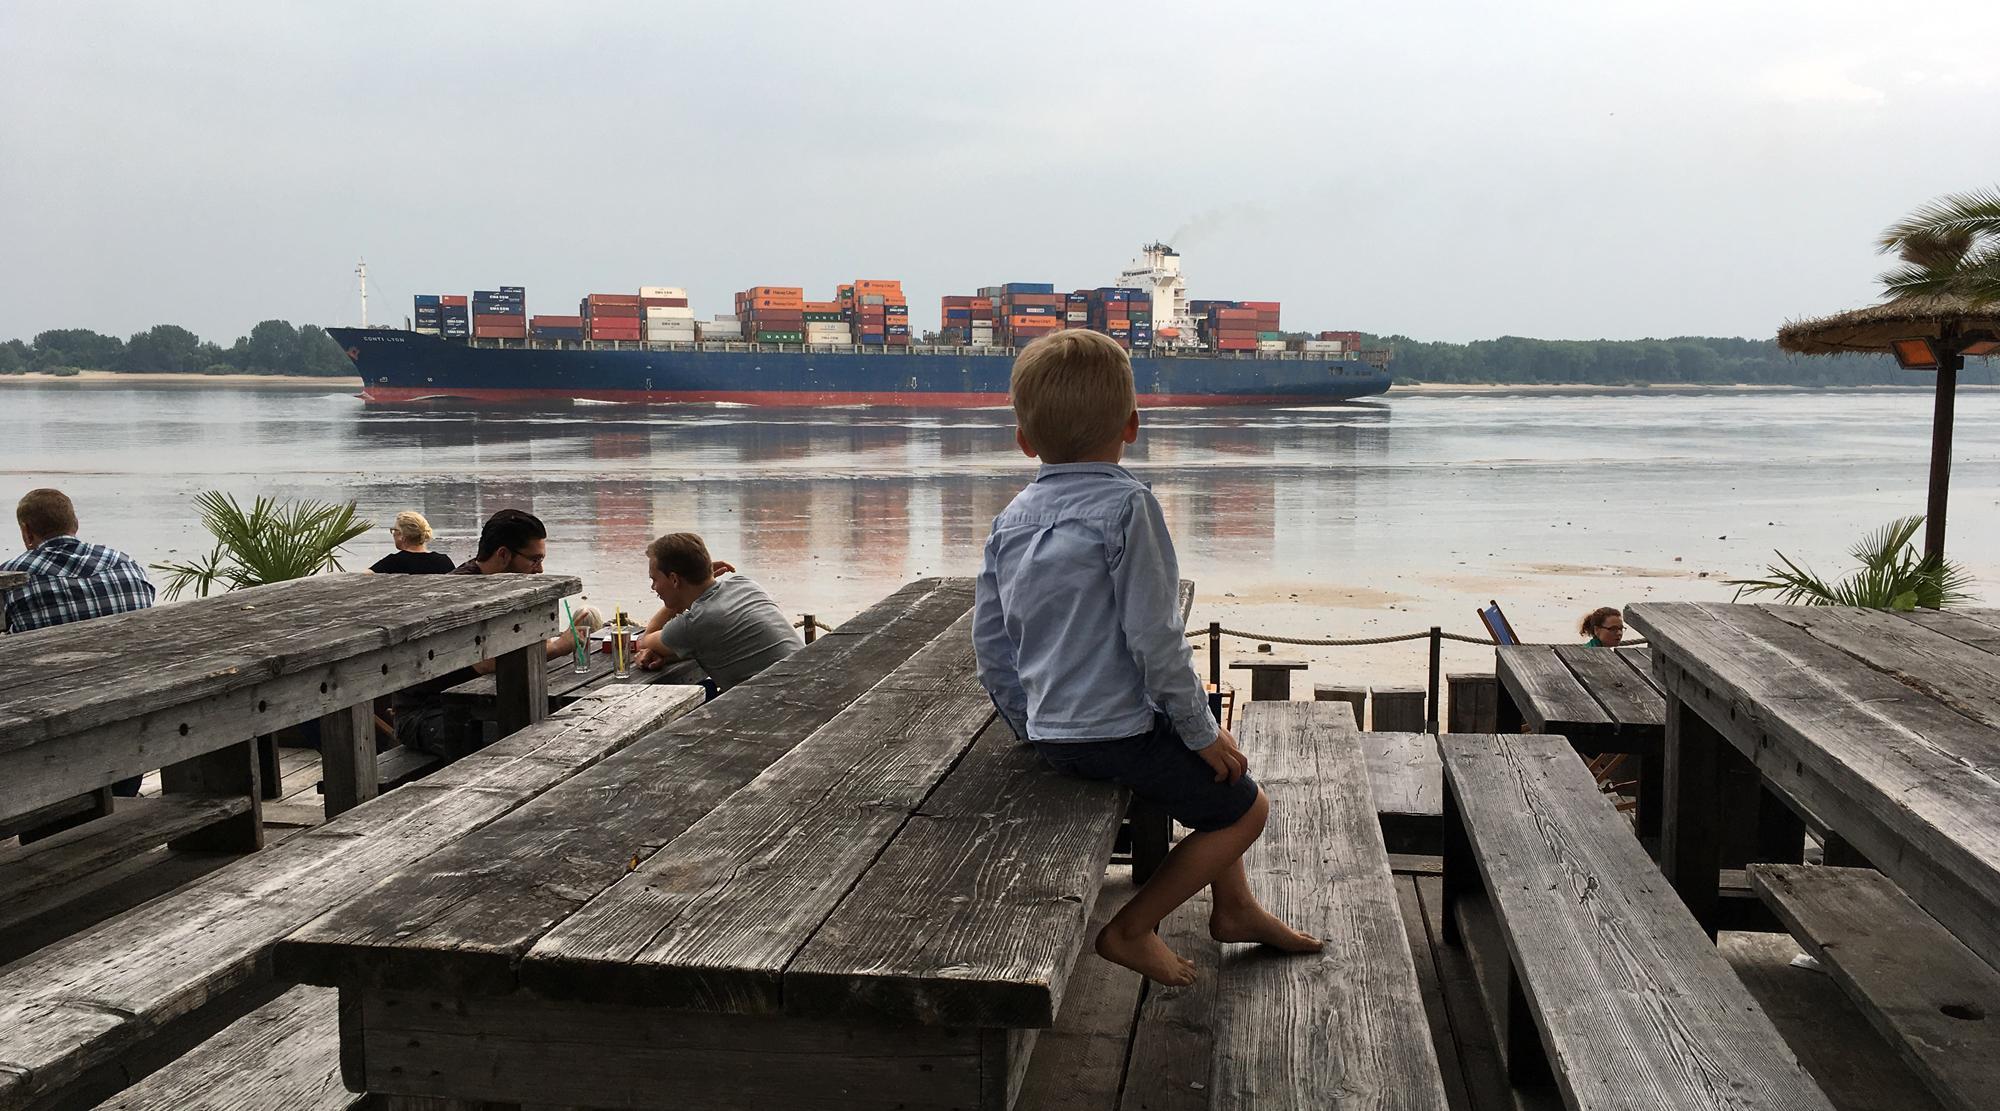 Piraten Hamburg - Containerschiff